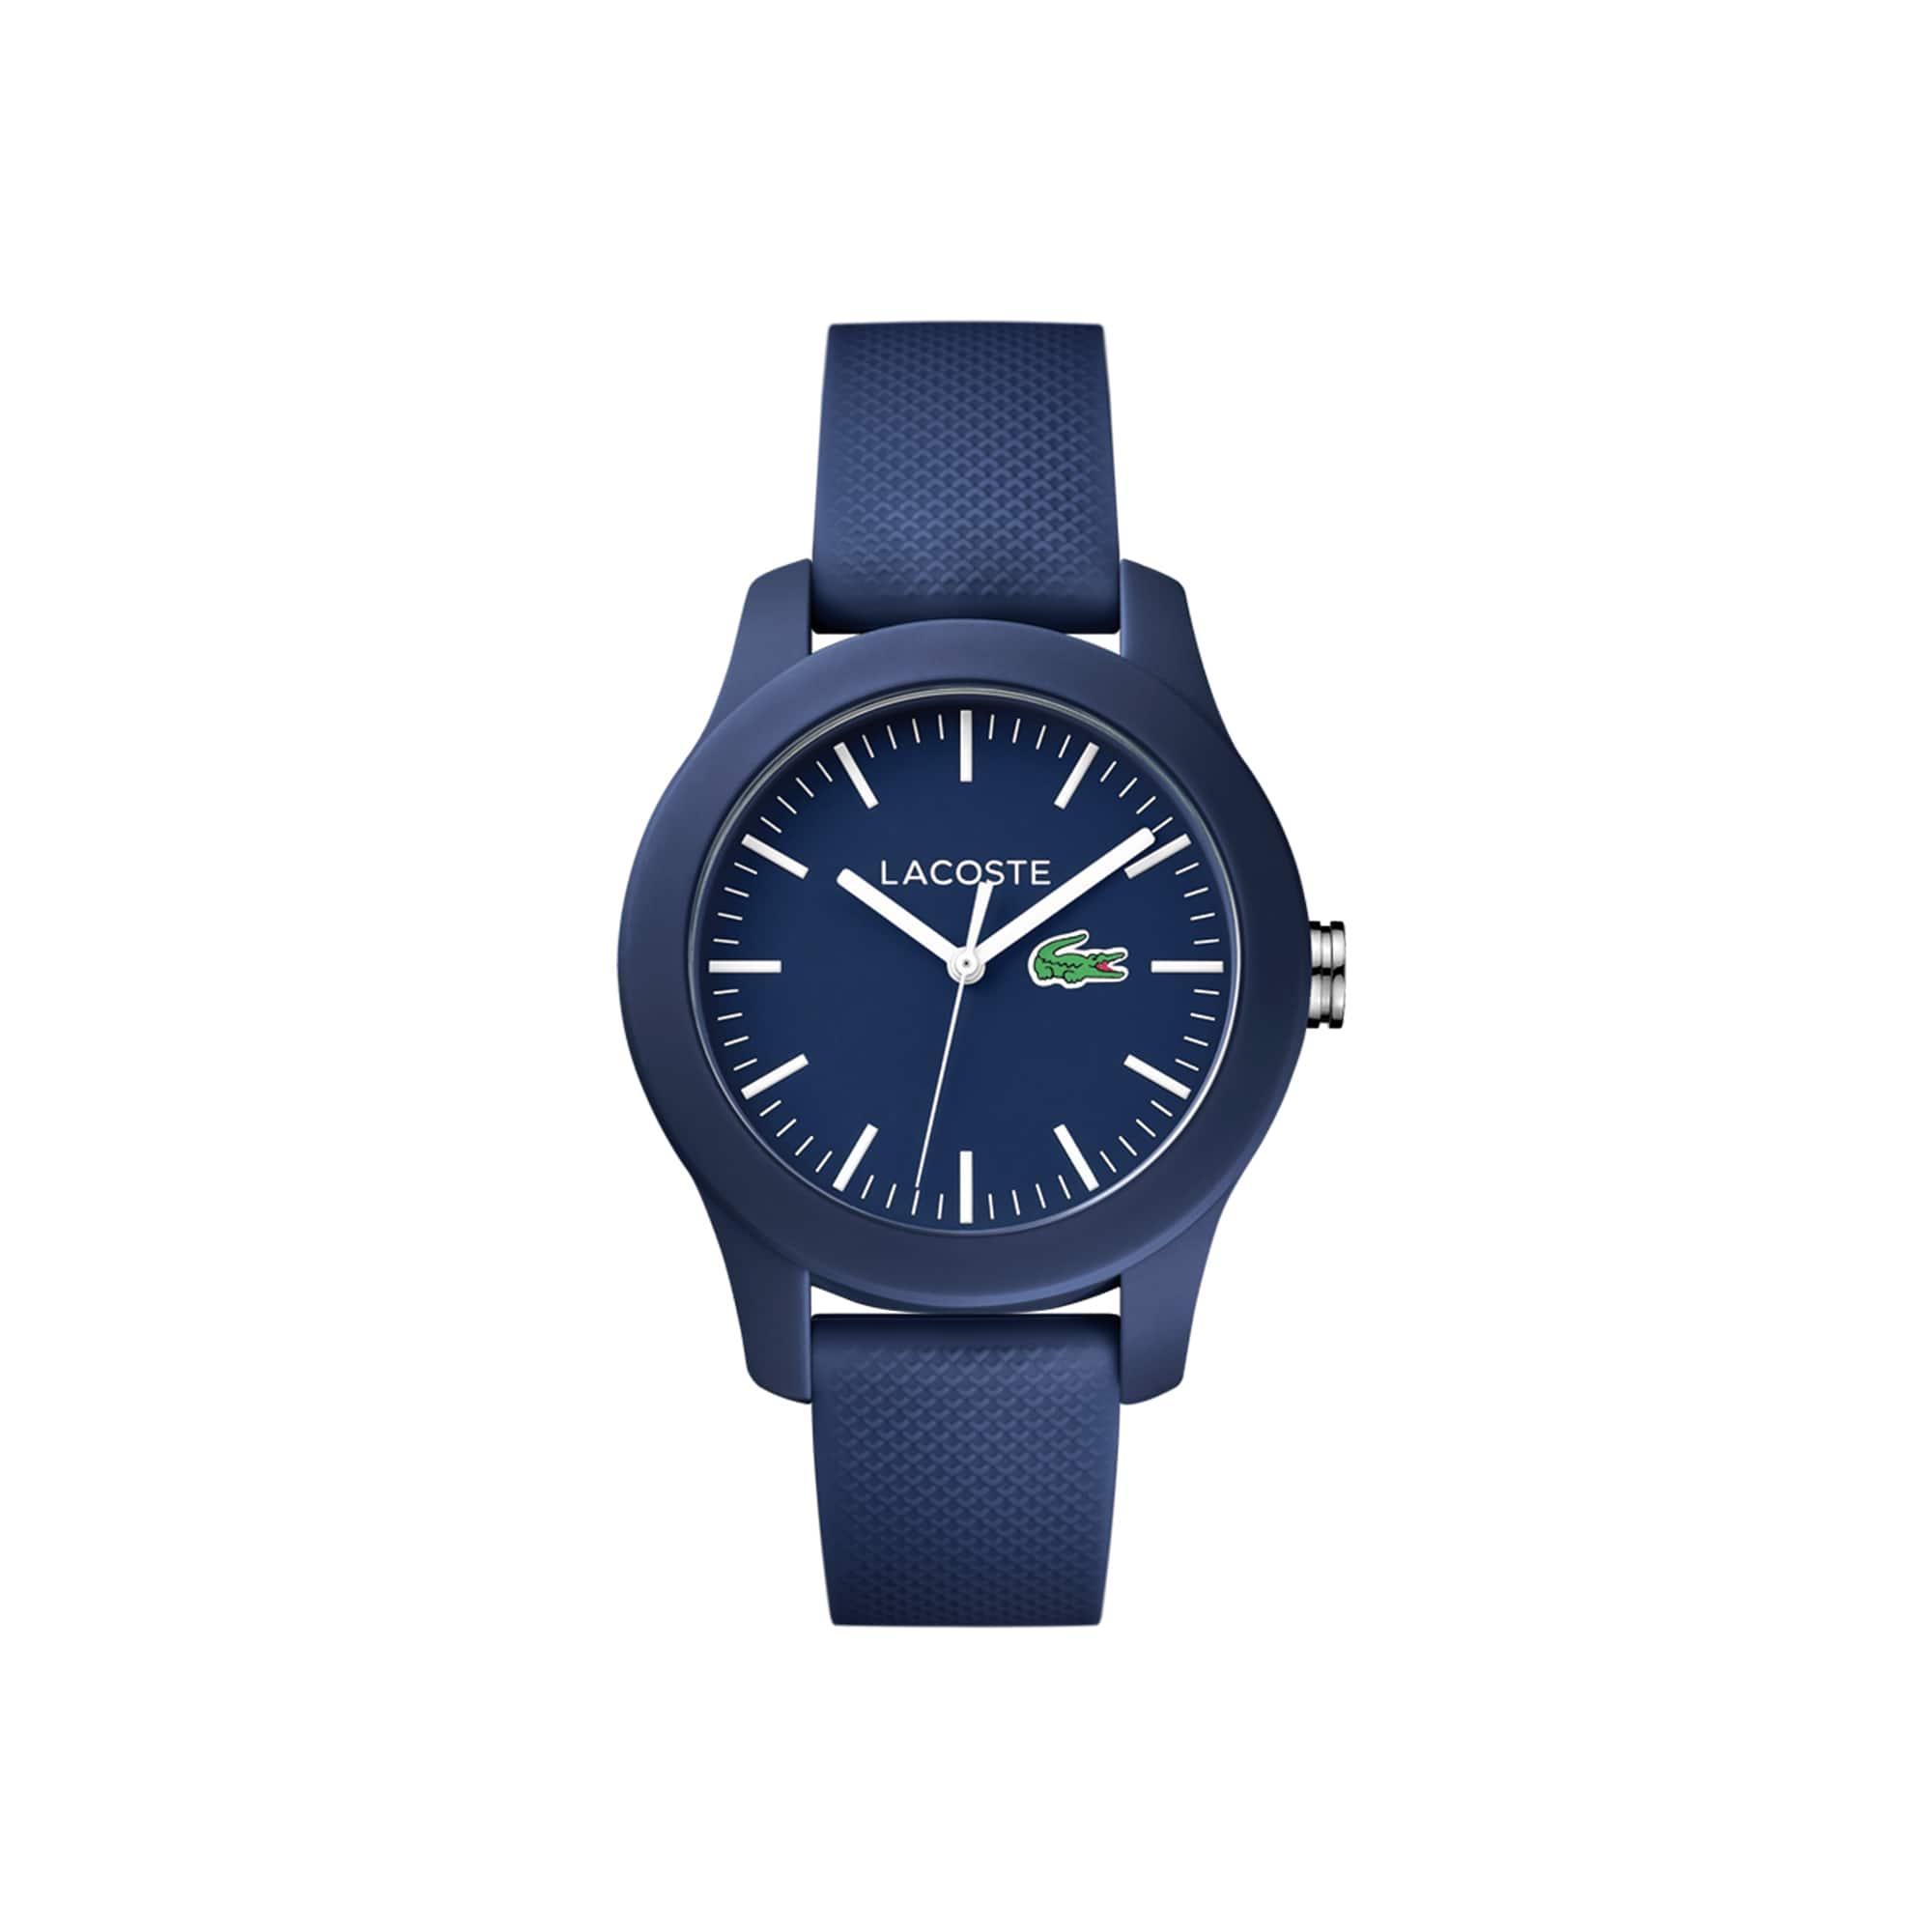 Lacoste 12.12 Horloge vrouwen blauw